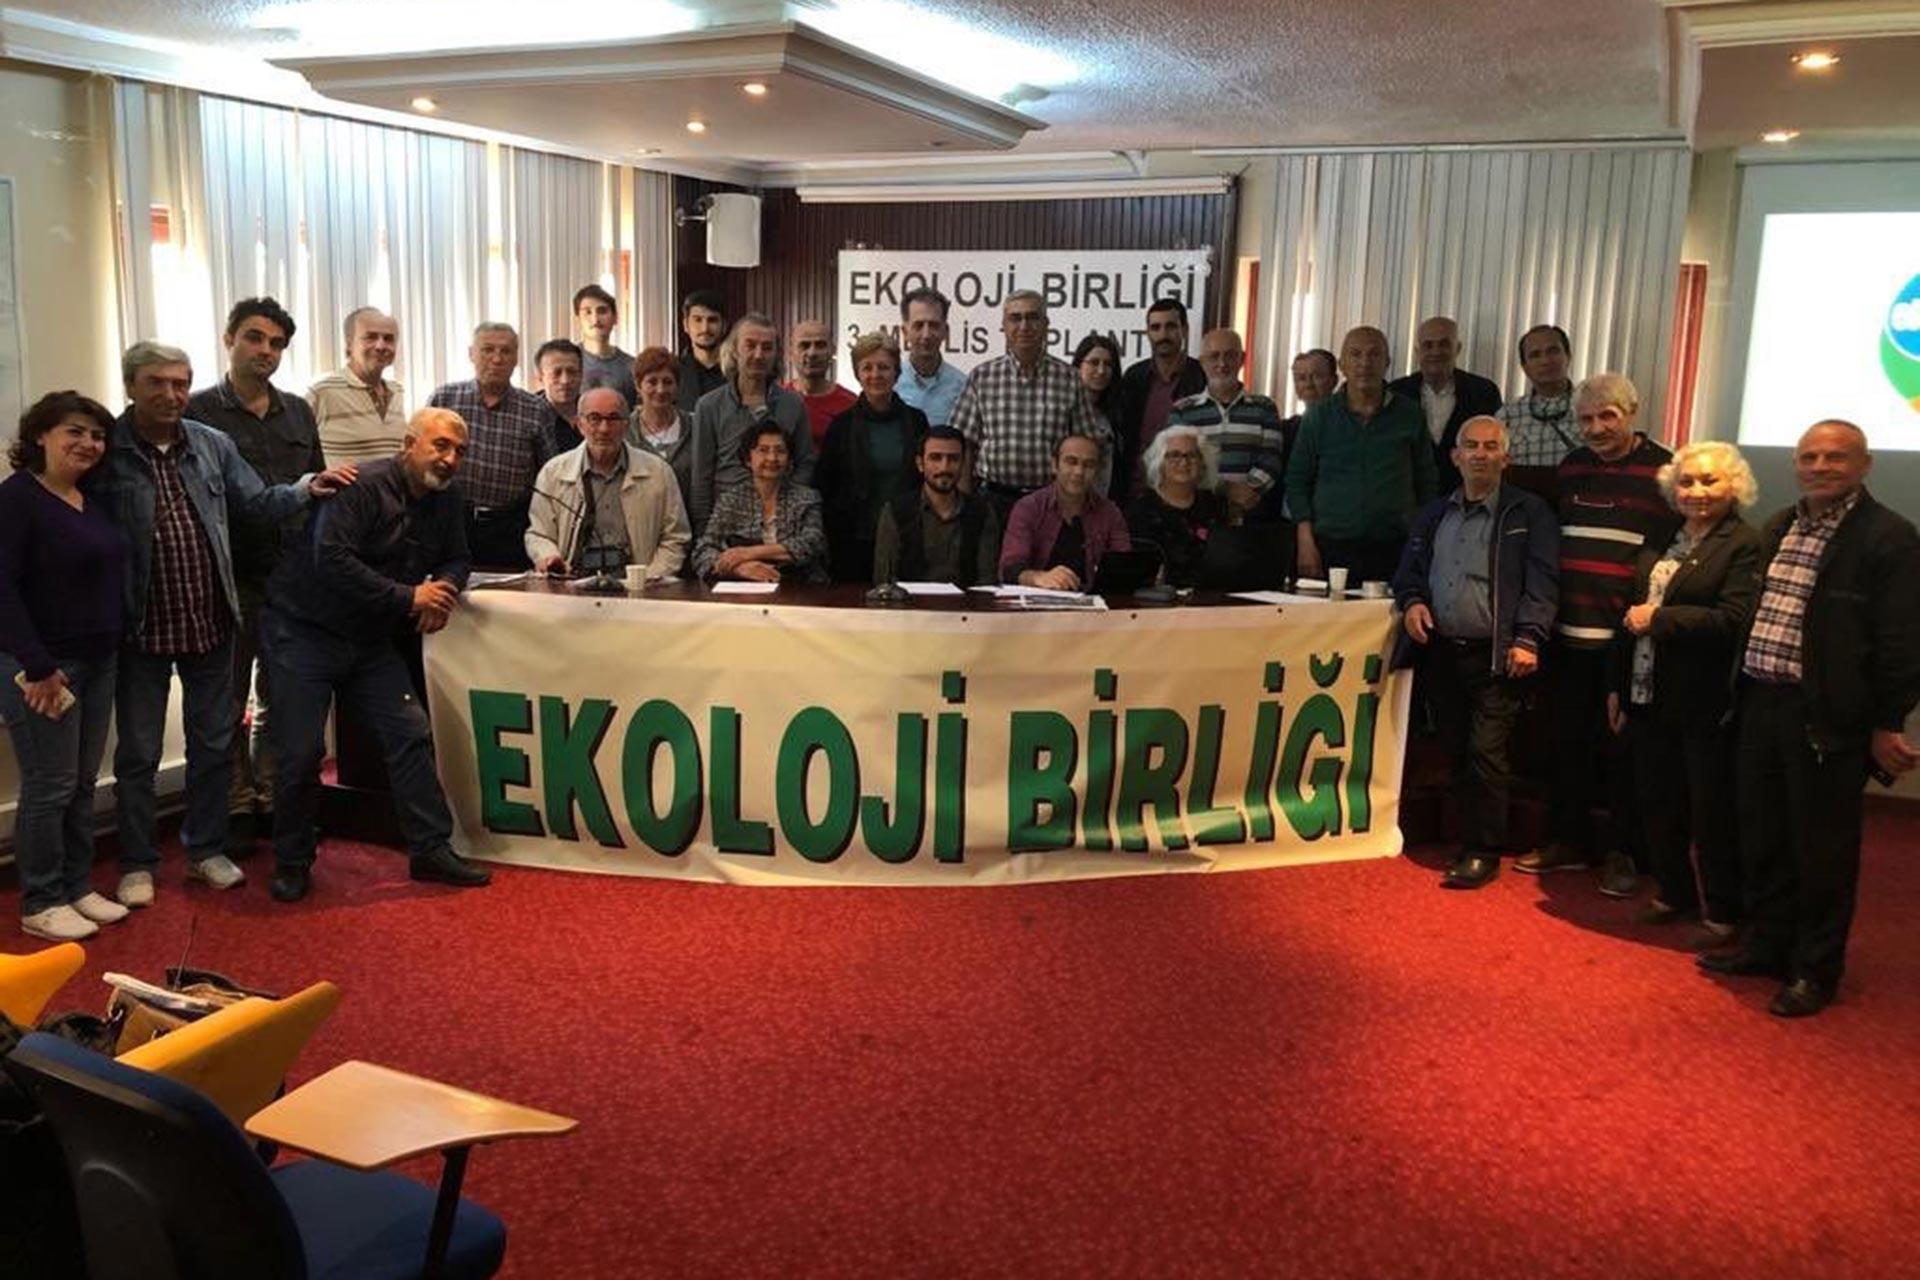 Ekoloji Birliğinden 'Dünya Çevre Günü' açıklaması: Gelin 'Birlik'te direnelim!